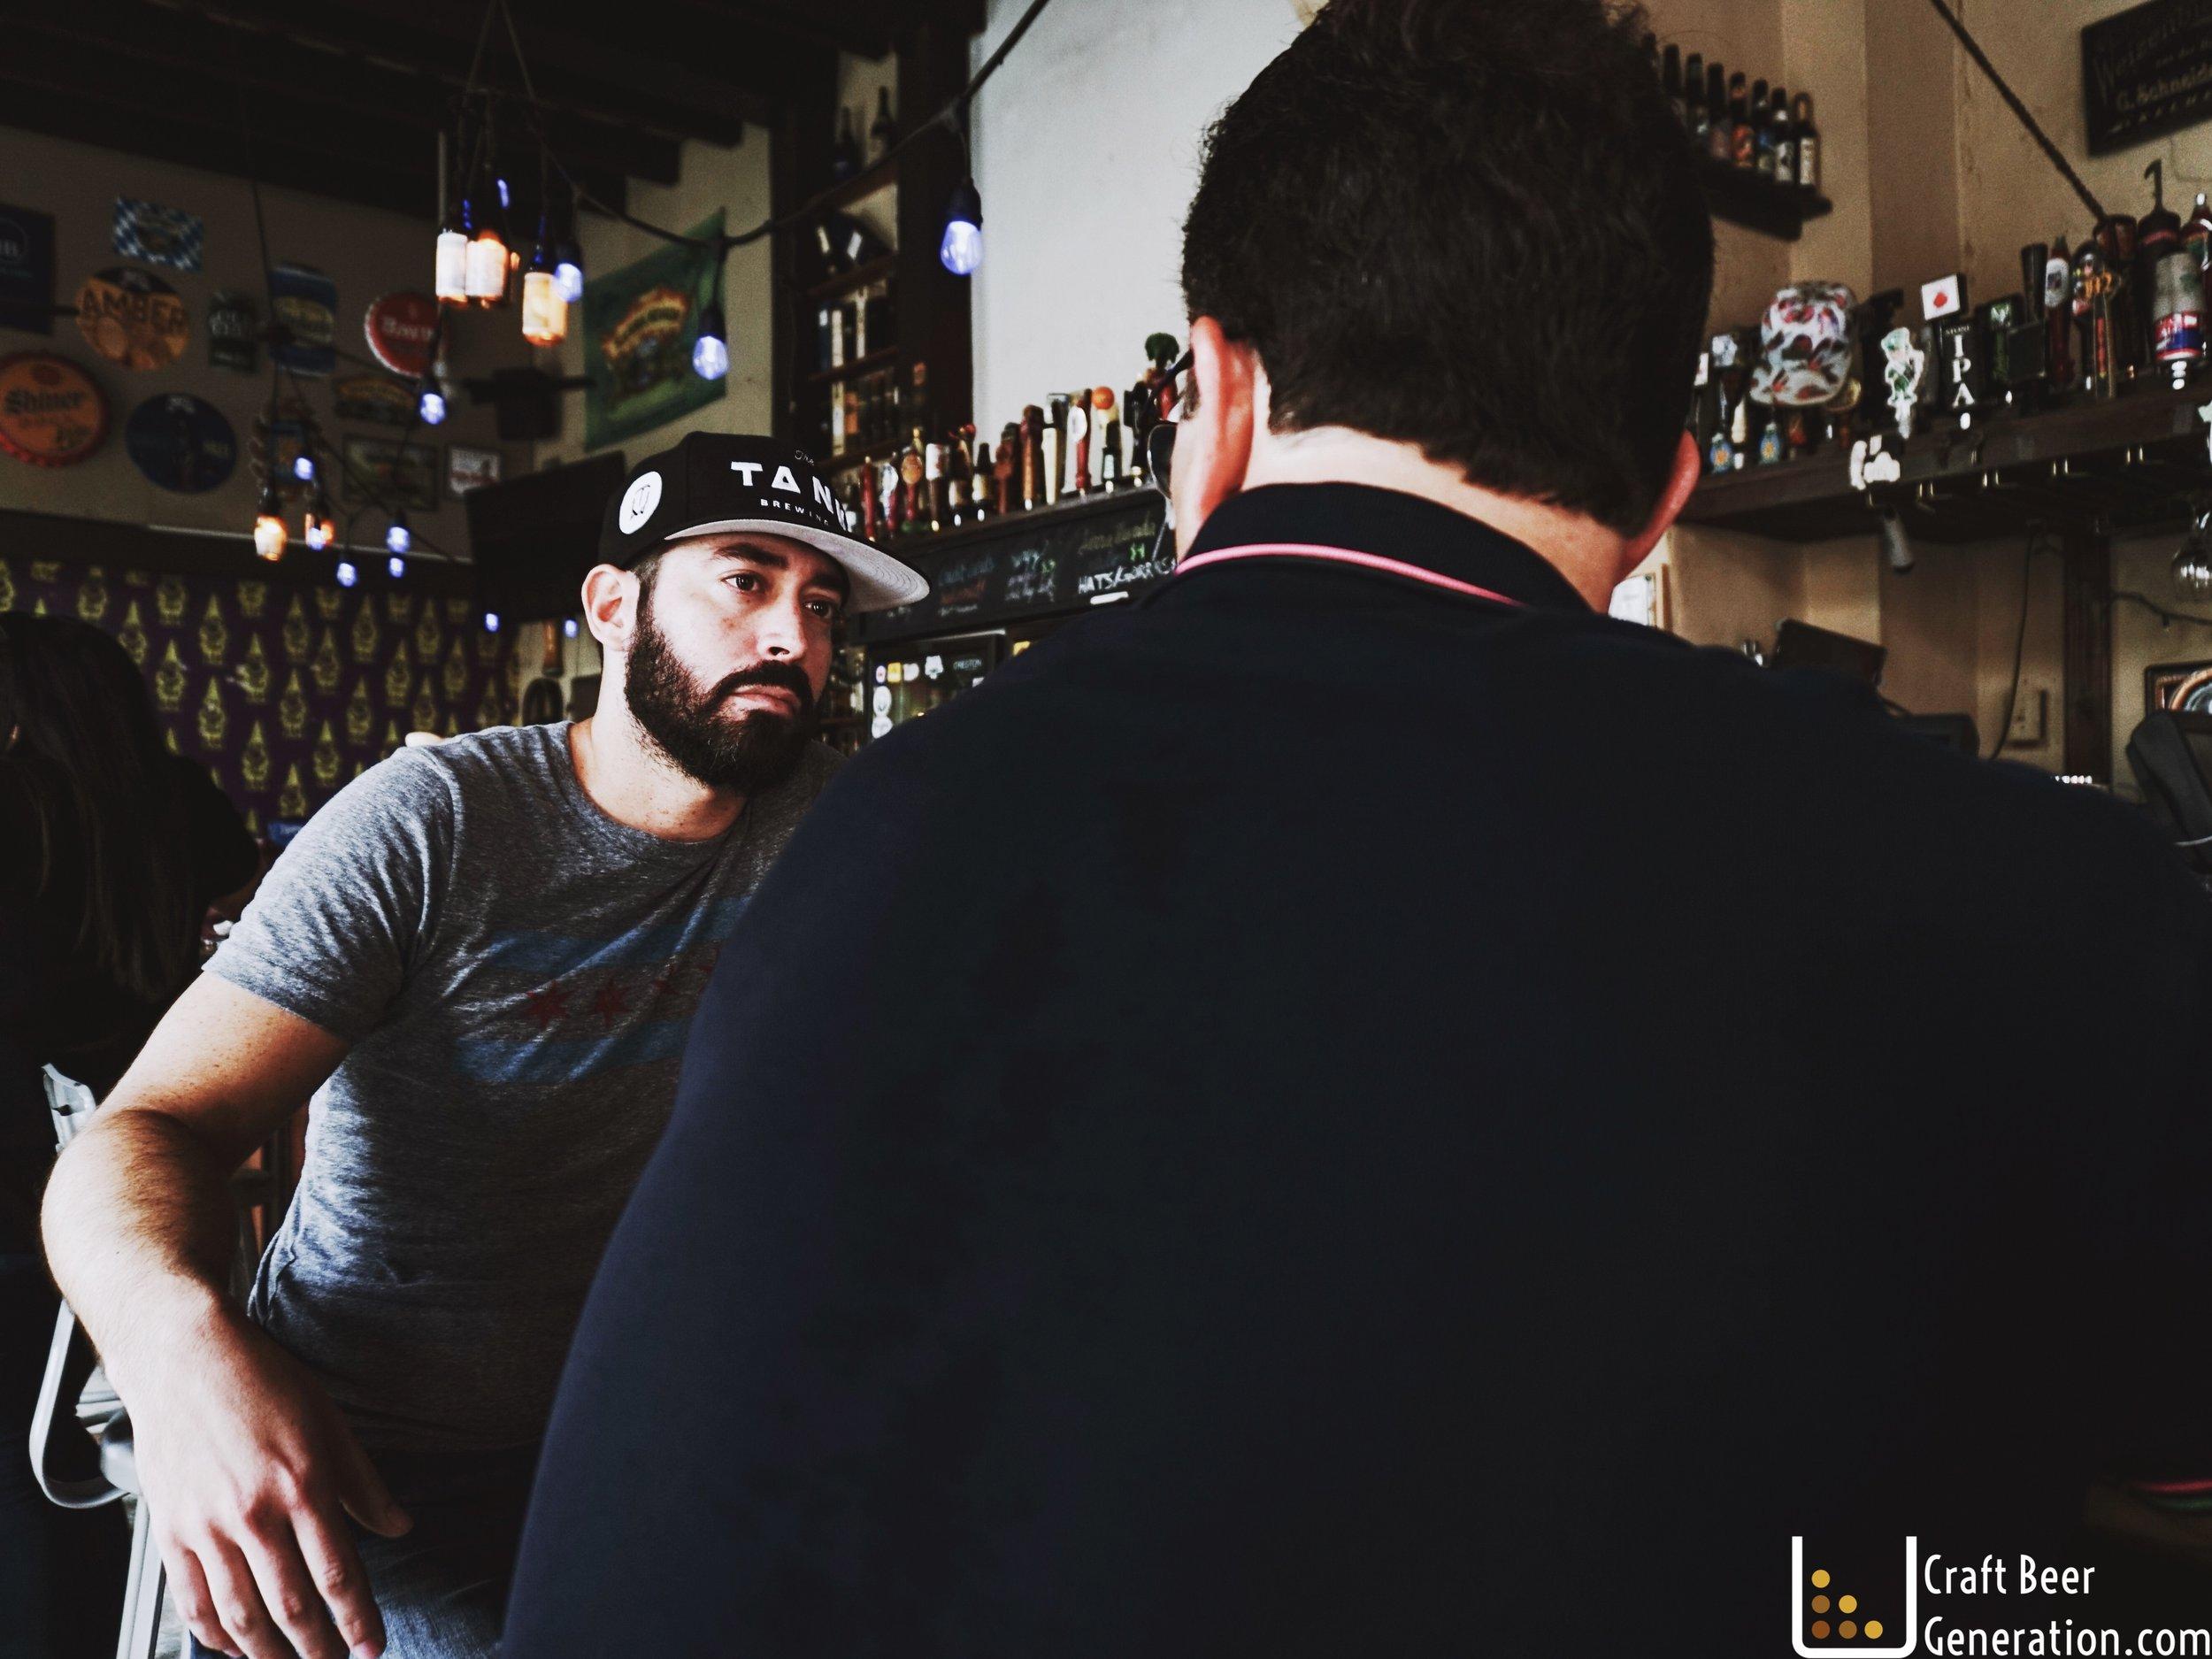 Deizquierda a derecha: Gustavo Franceschini de Craft Beer Generation y Alejandro Ballester, Presidente de Ballester Hermanos.